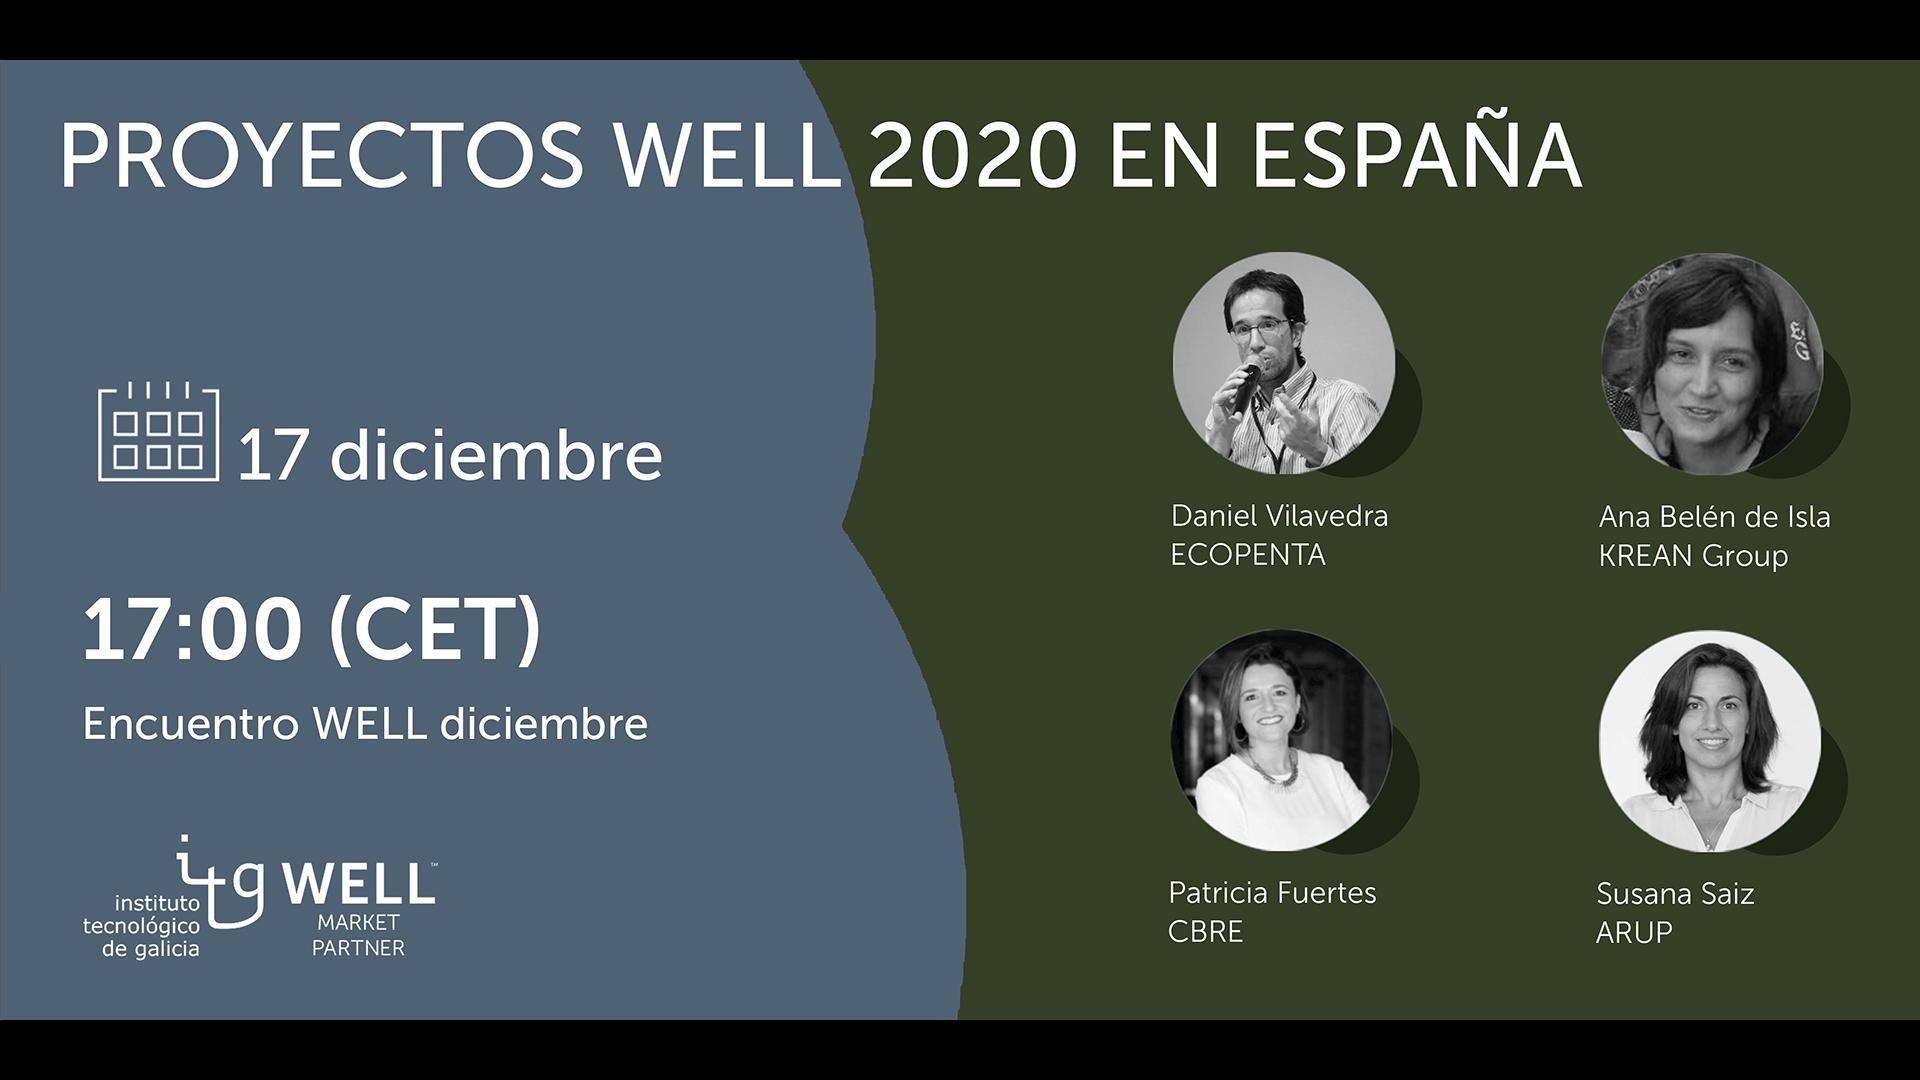 LKS KREANek WELL proiektuak Espainian 2020 topaketan parte hartu du.